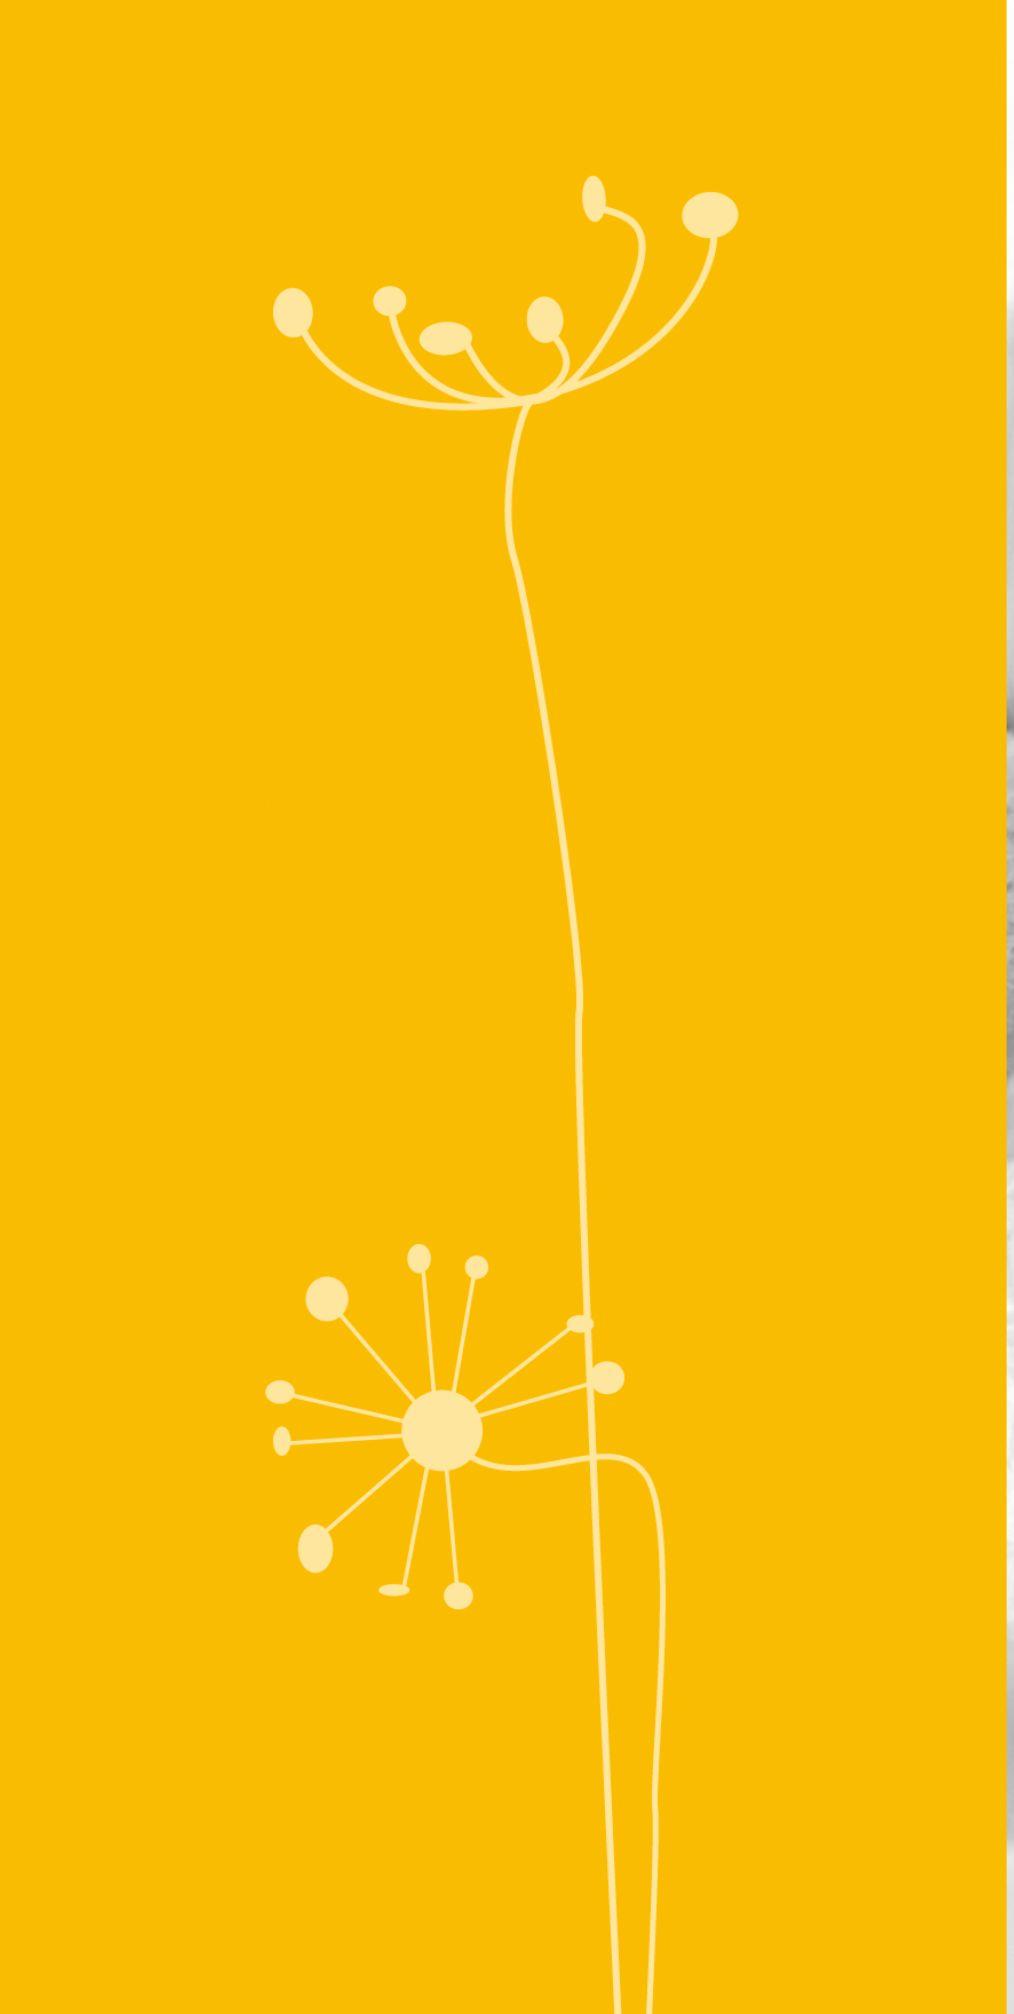 Ansicht 5 - Taufe abstrakte Blumen